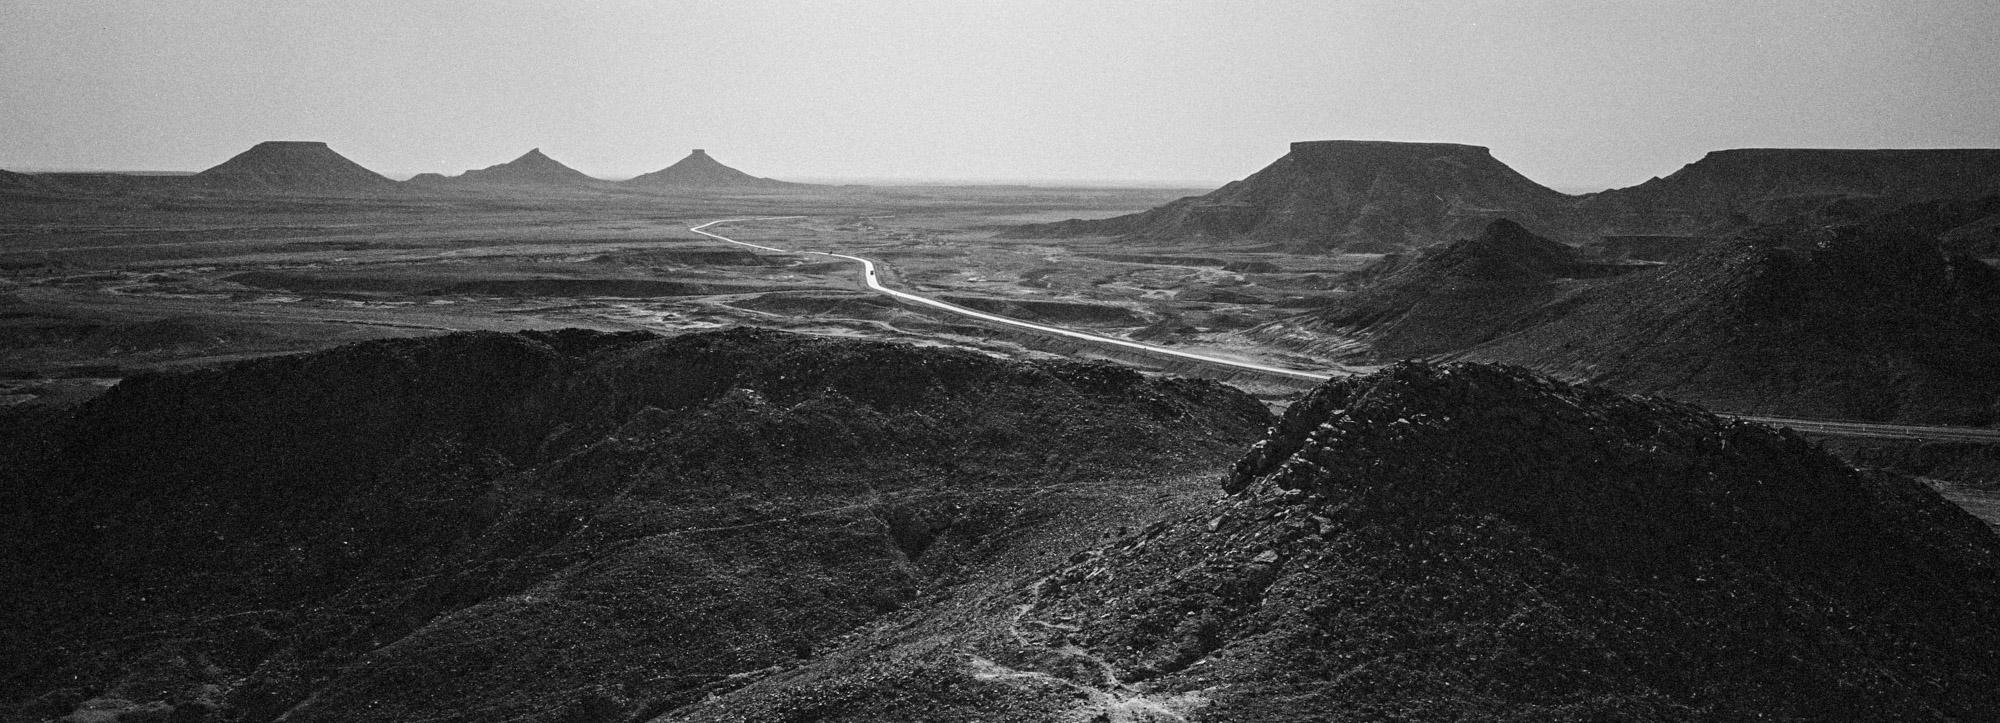 Environ 1330 kilomètres séparent la ville de Ghardaïa dans le Mzab et Tamanrasset porte de l'Afrique Noire. Egalement appelée Transsaharienne, la nationale 1 longue de 2335km relie Alger au Niger. Algérie-3/02/2016.